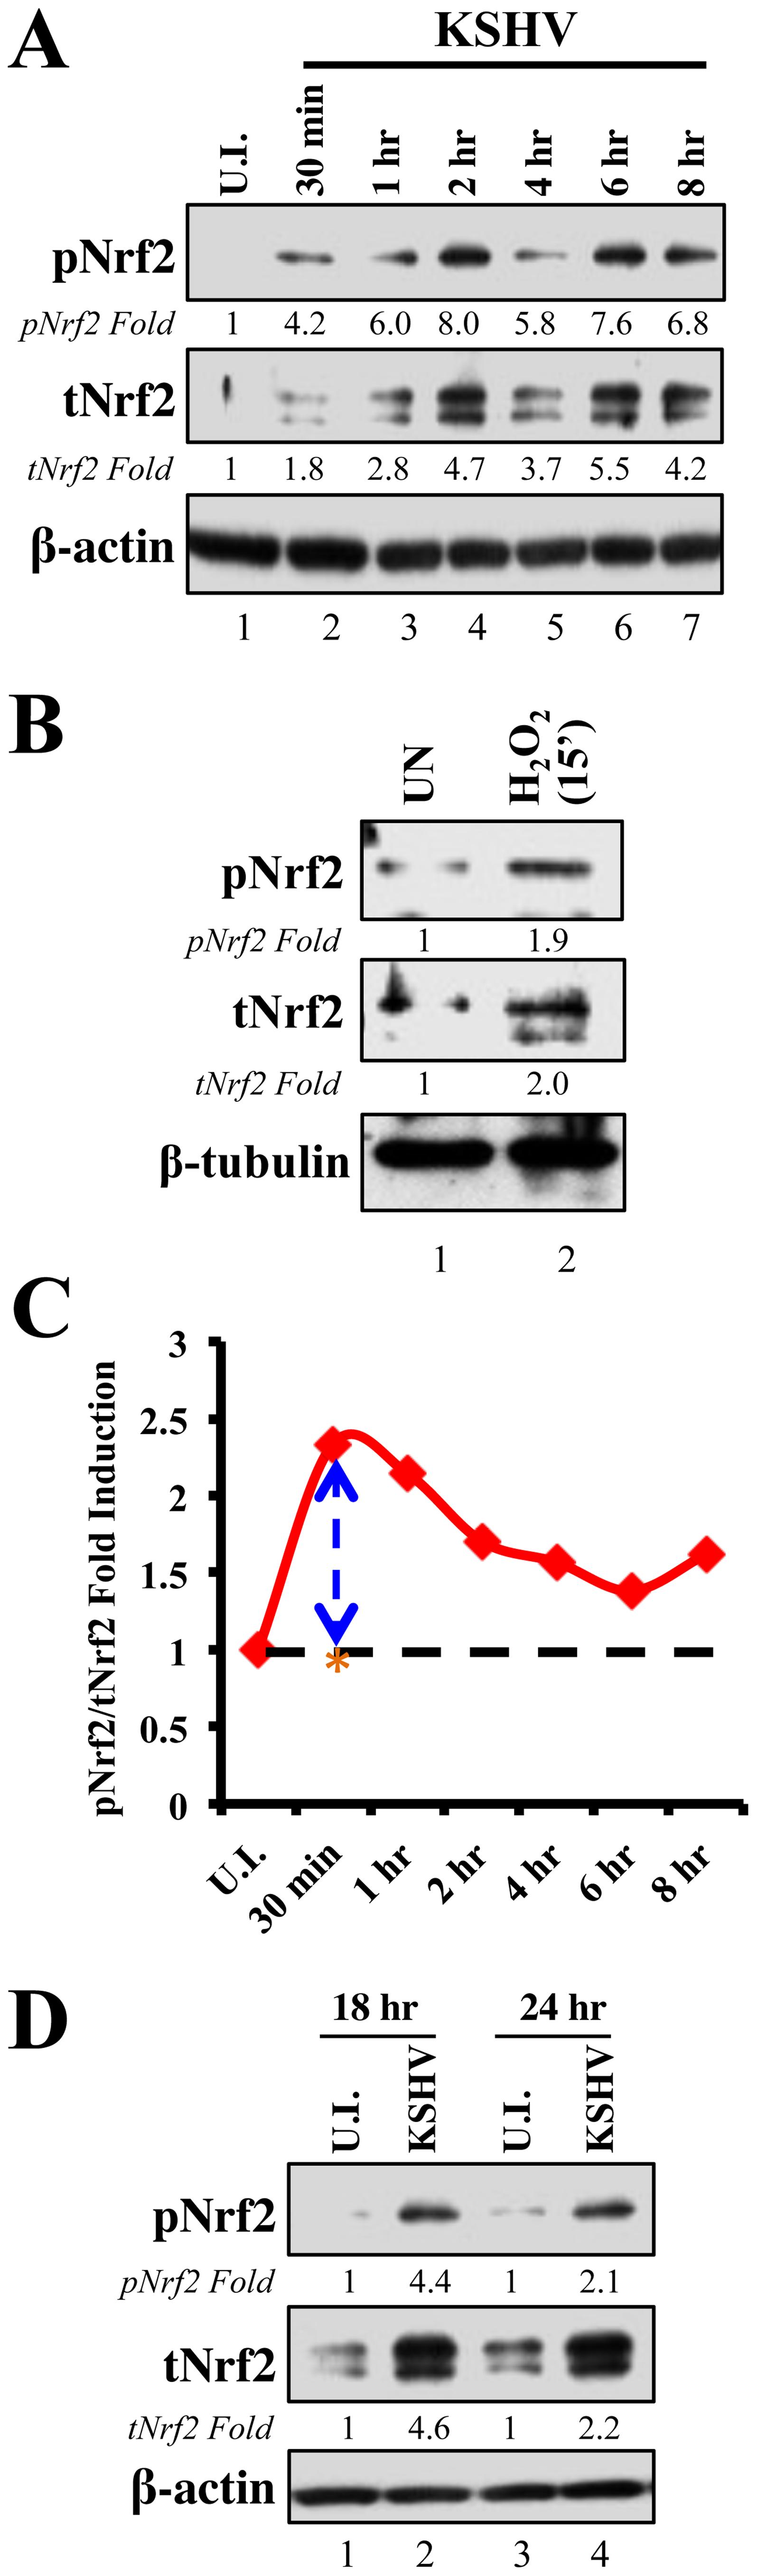 Induction of Nrf2 activity during <i>de novo</i> KSHV infection.